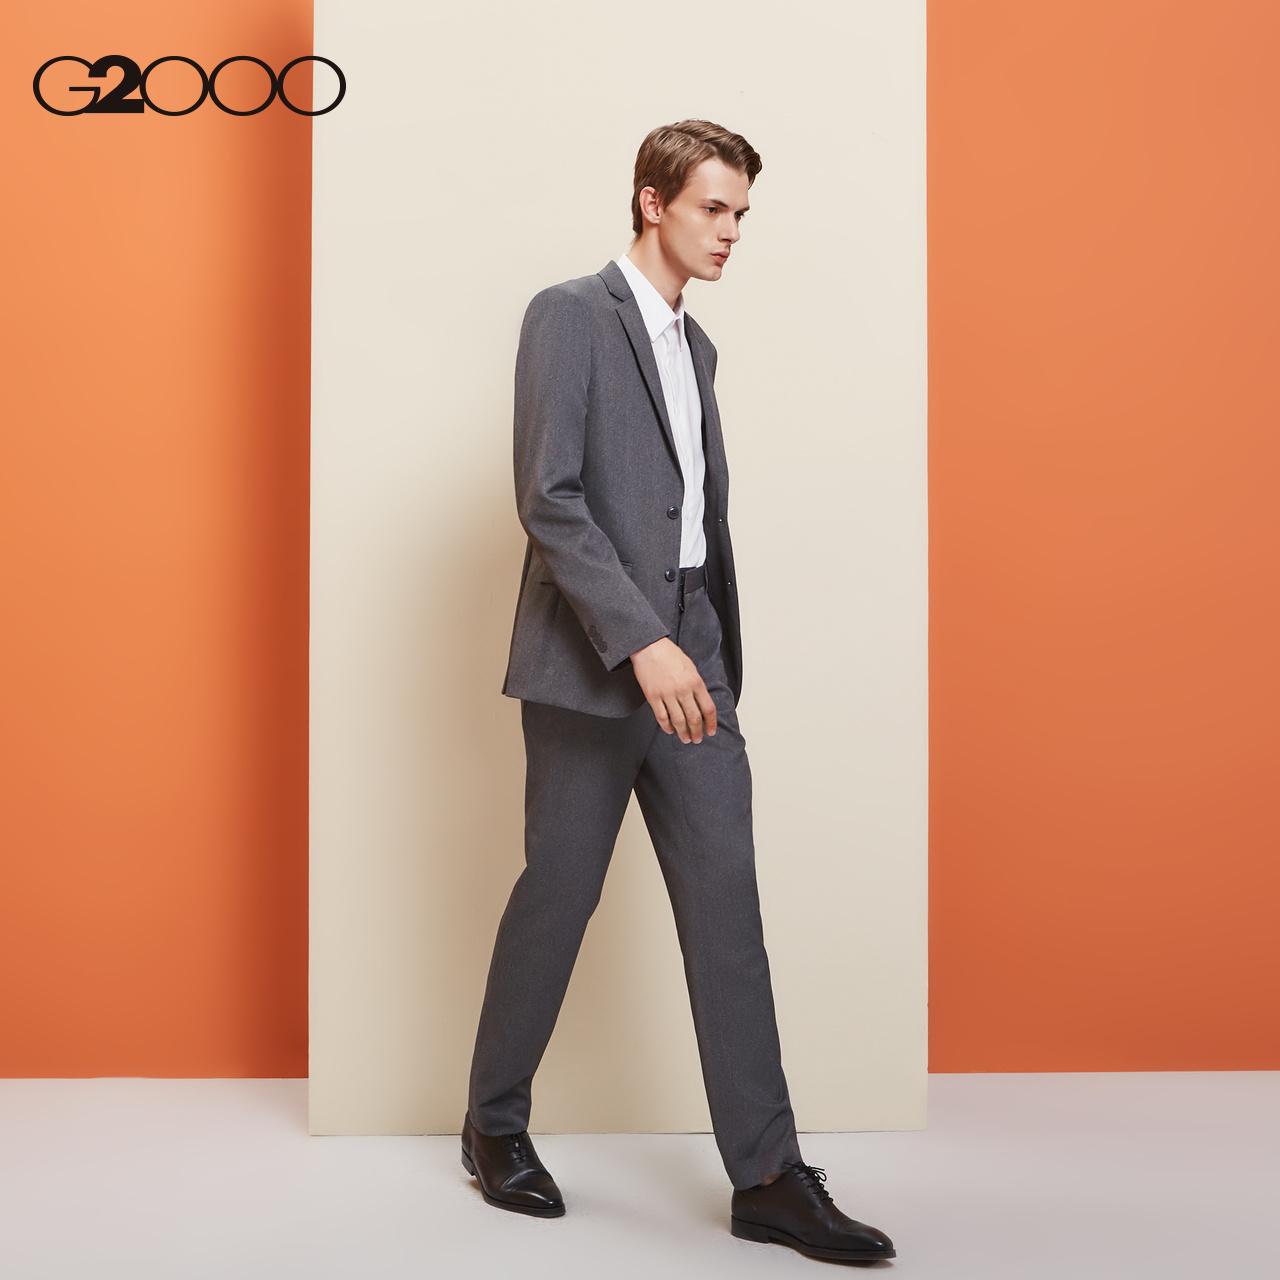 G2000商务男士西装外套 春秋新品正装套装修身西服伴郎礼服